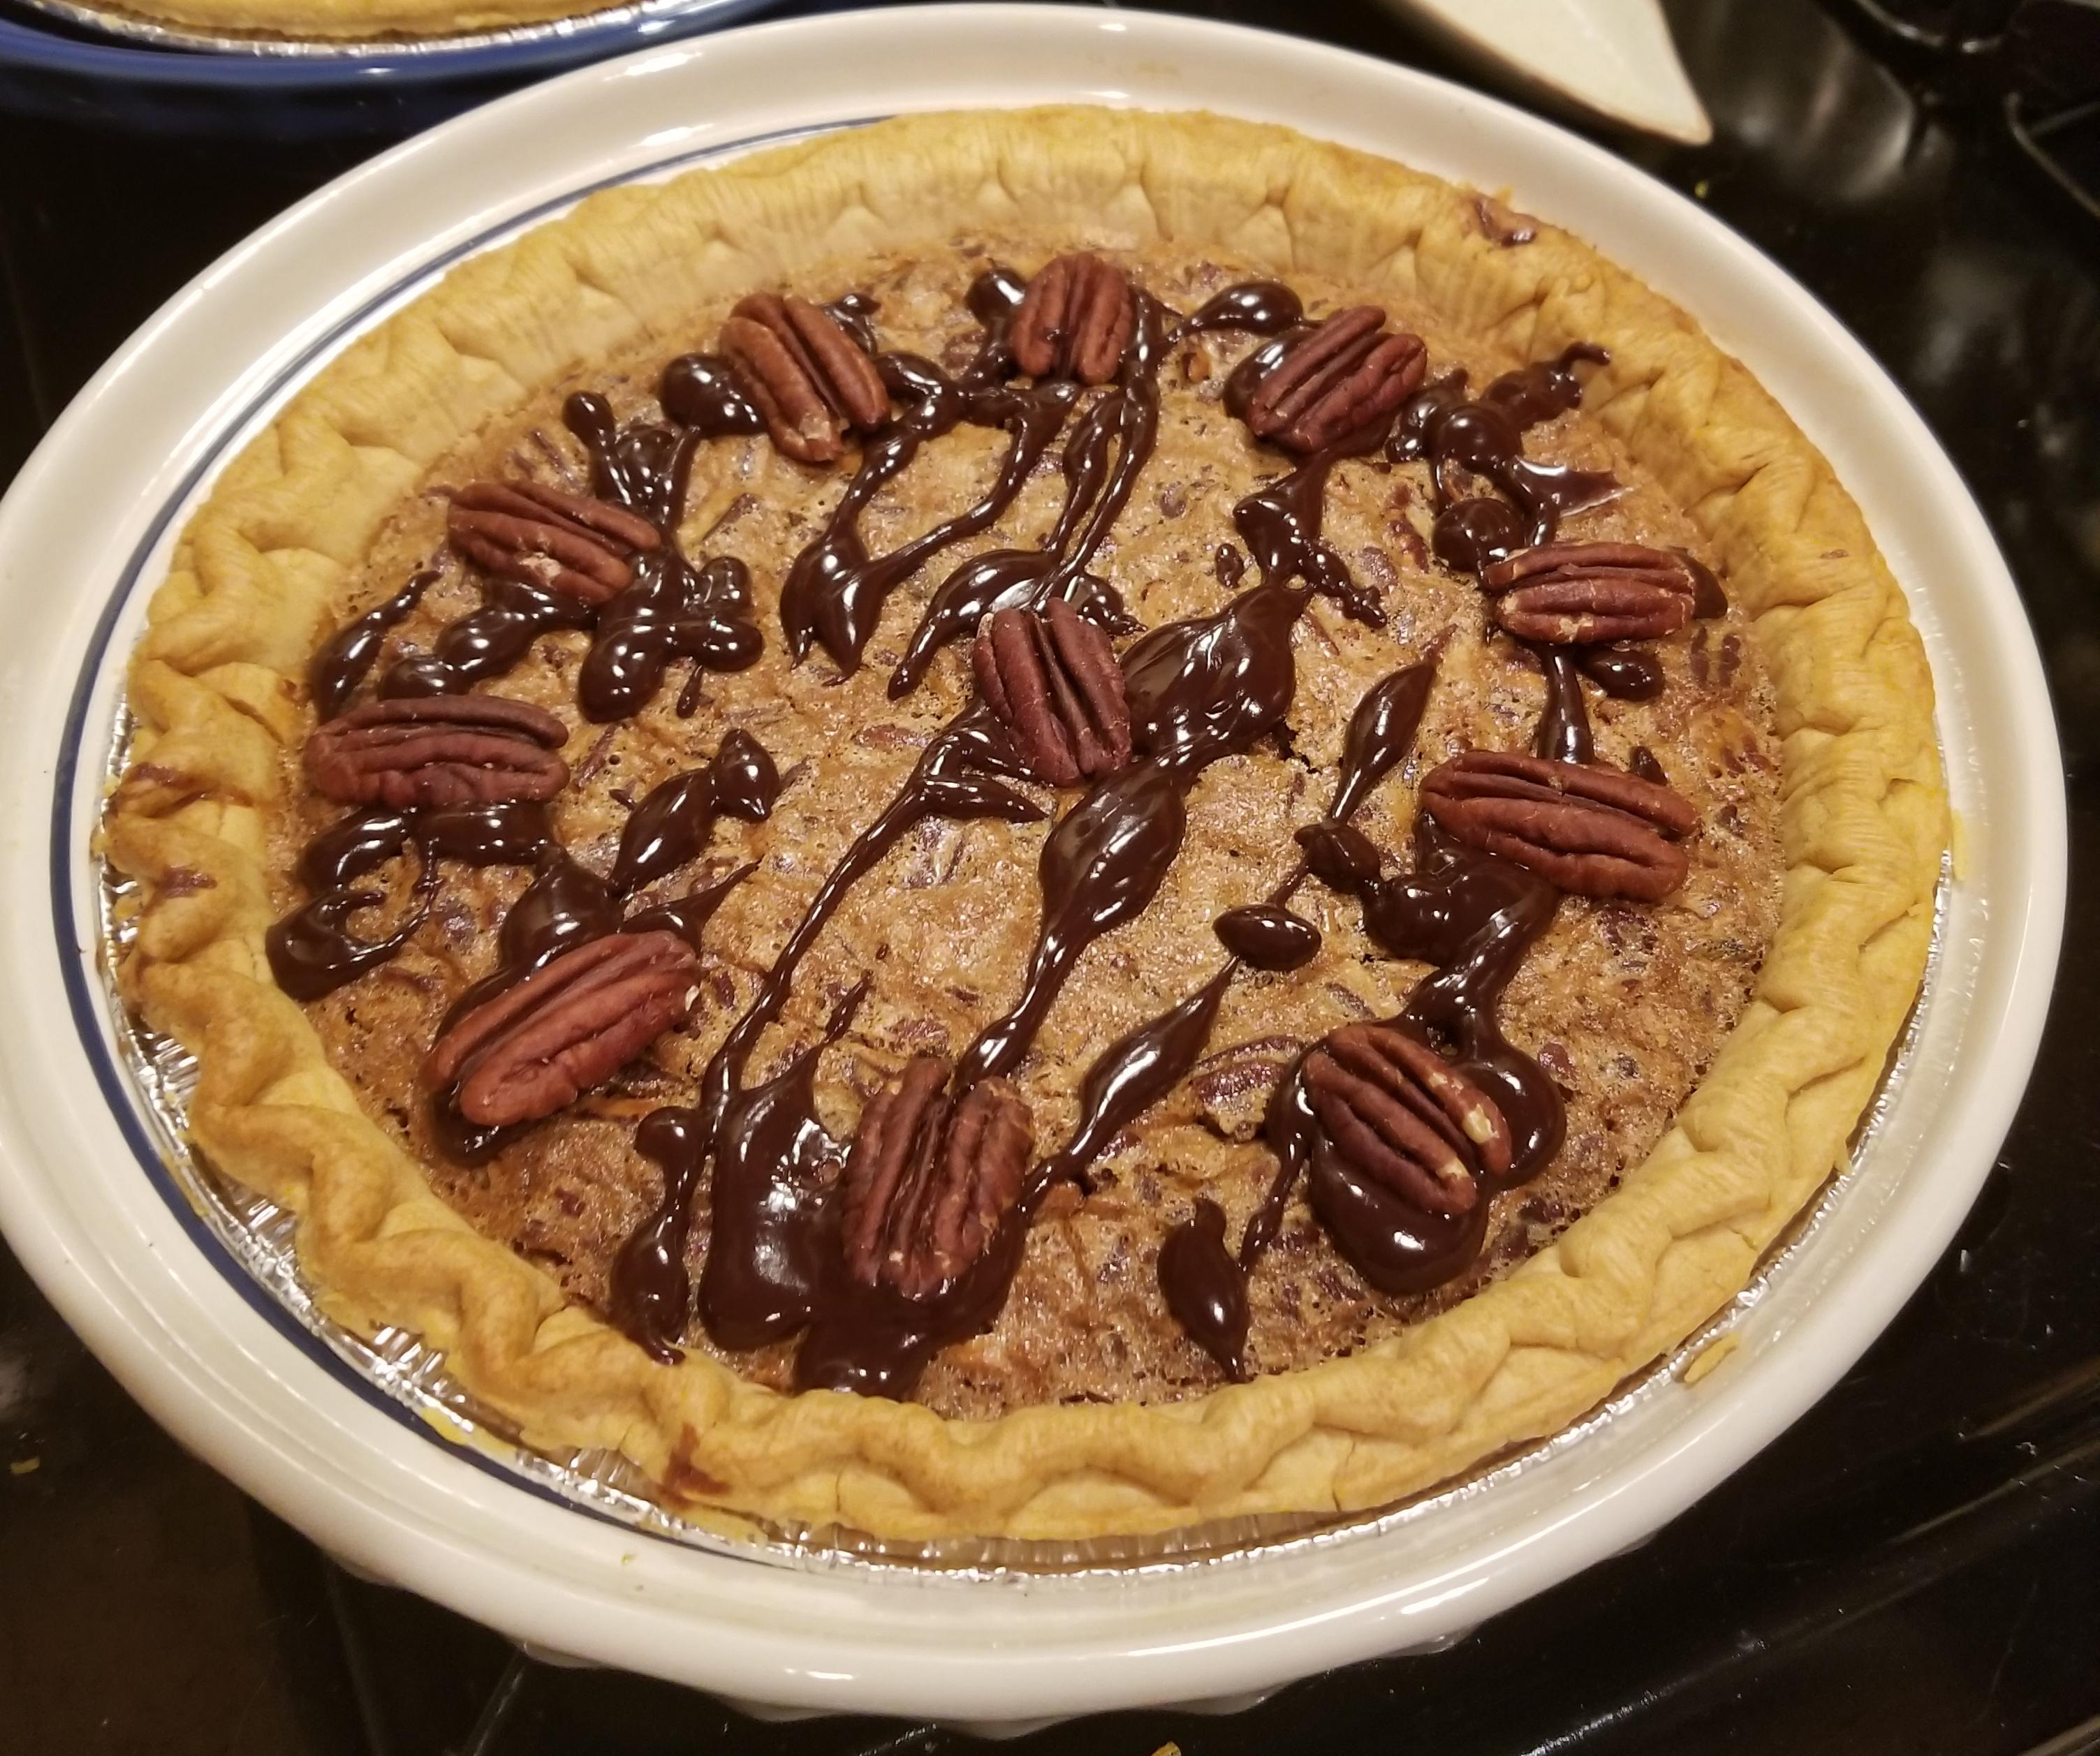 Heide S Kentucky Derby Dessert Recipe Allrecipes Com